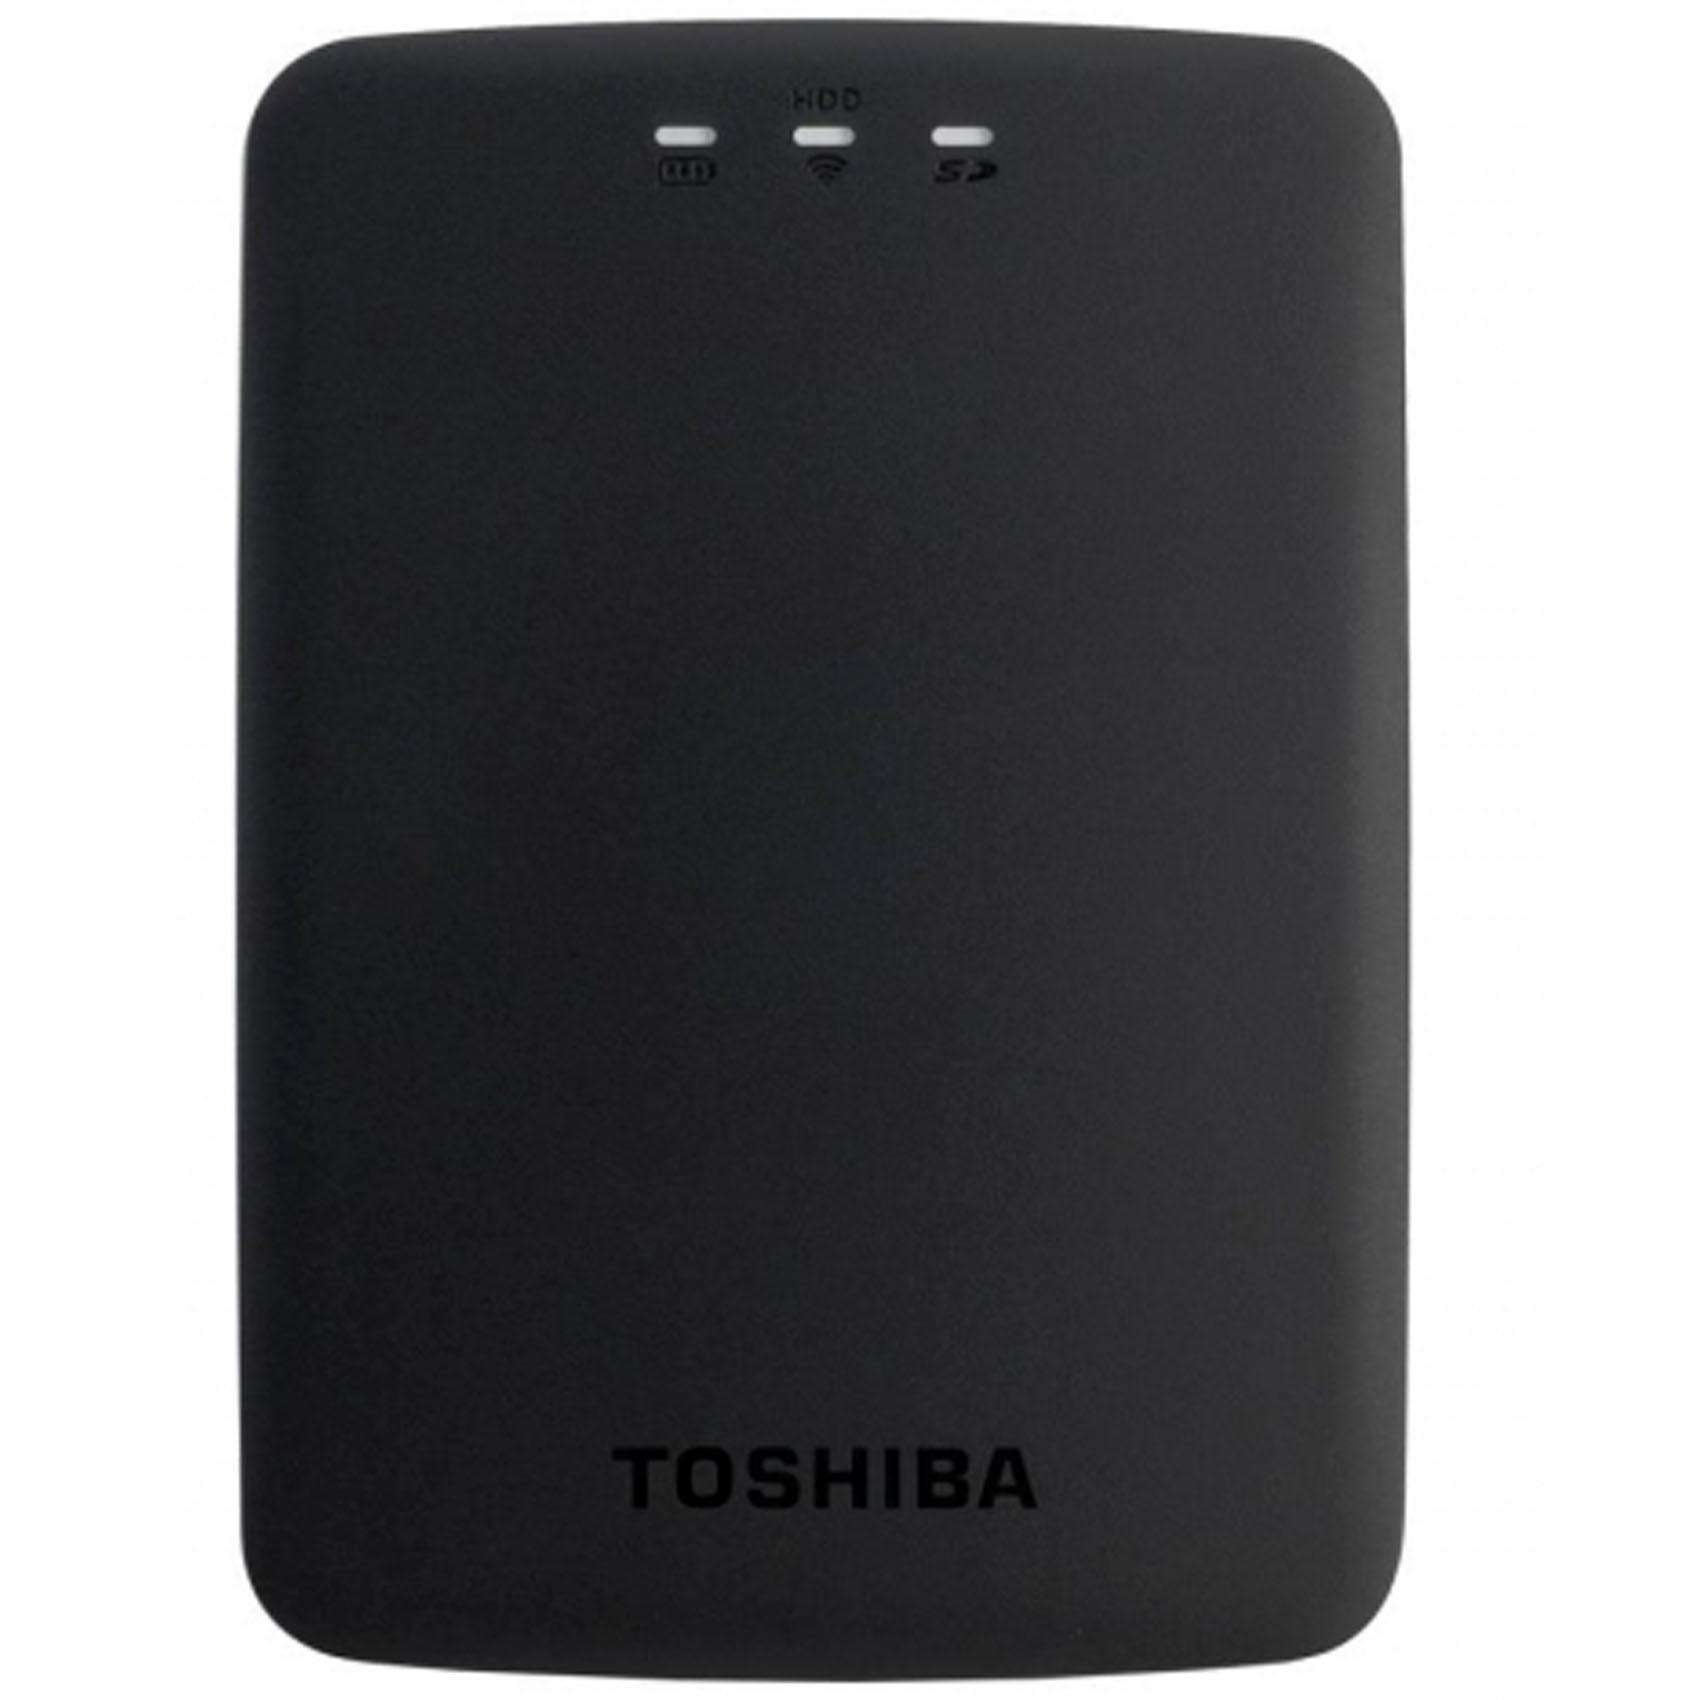 TOSHIBA HDD 1TB W/L AEROCAST 2.5